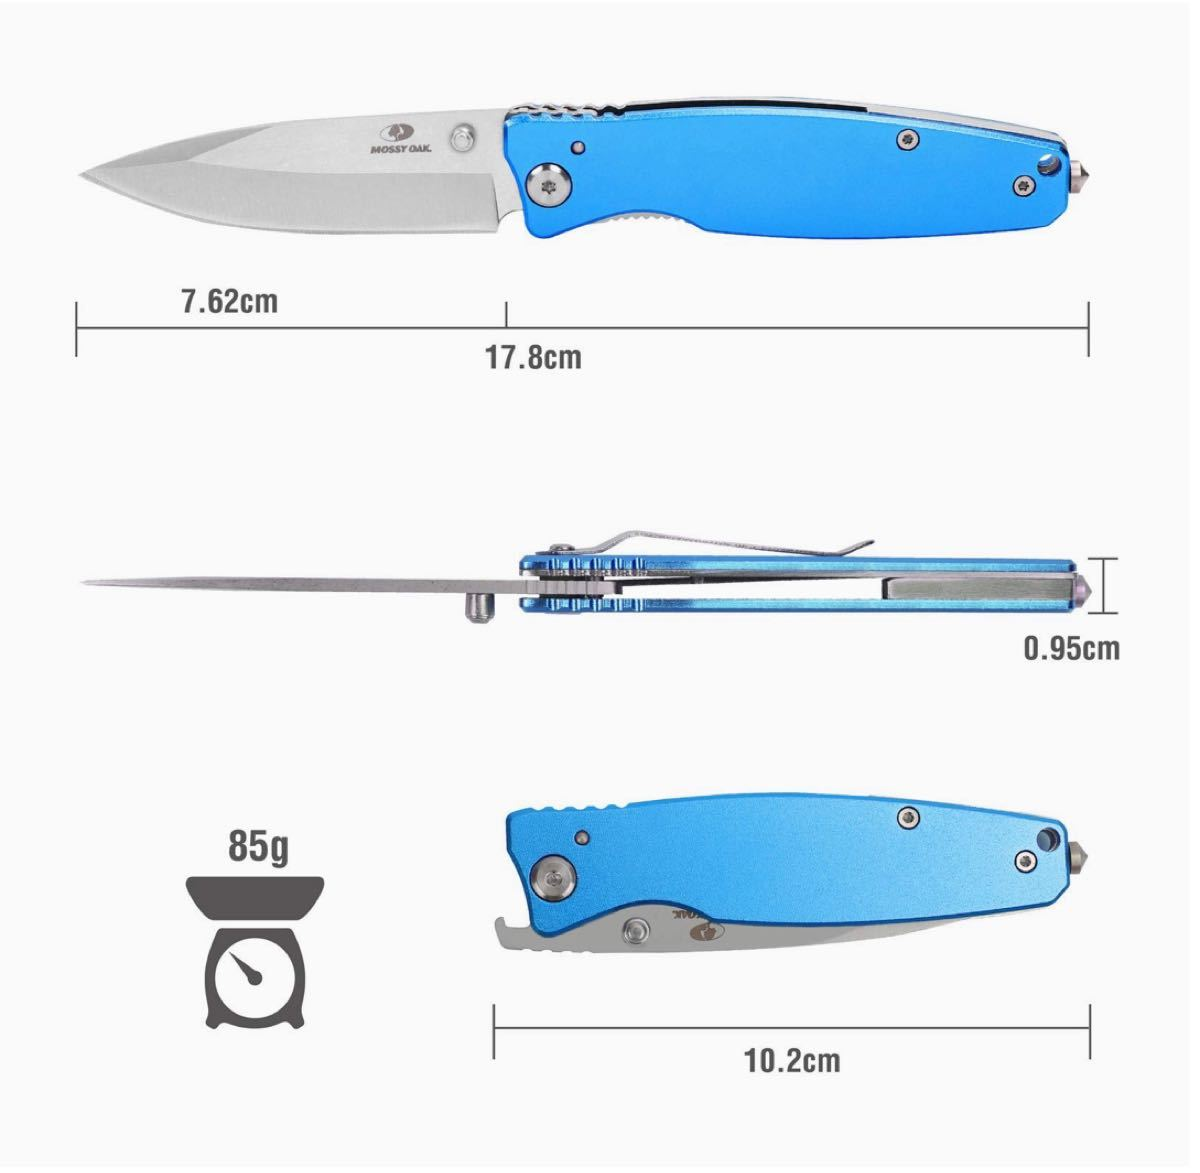 【新品】MOSSY OAK 折りたたみナイフ フォールディングナイフ